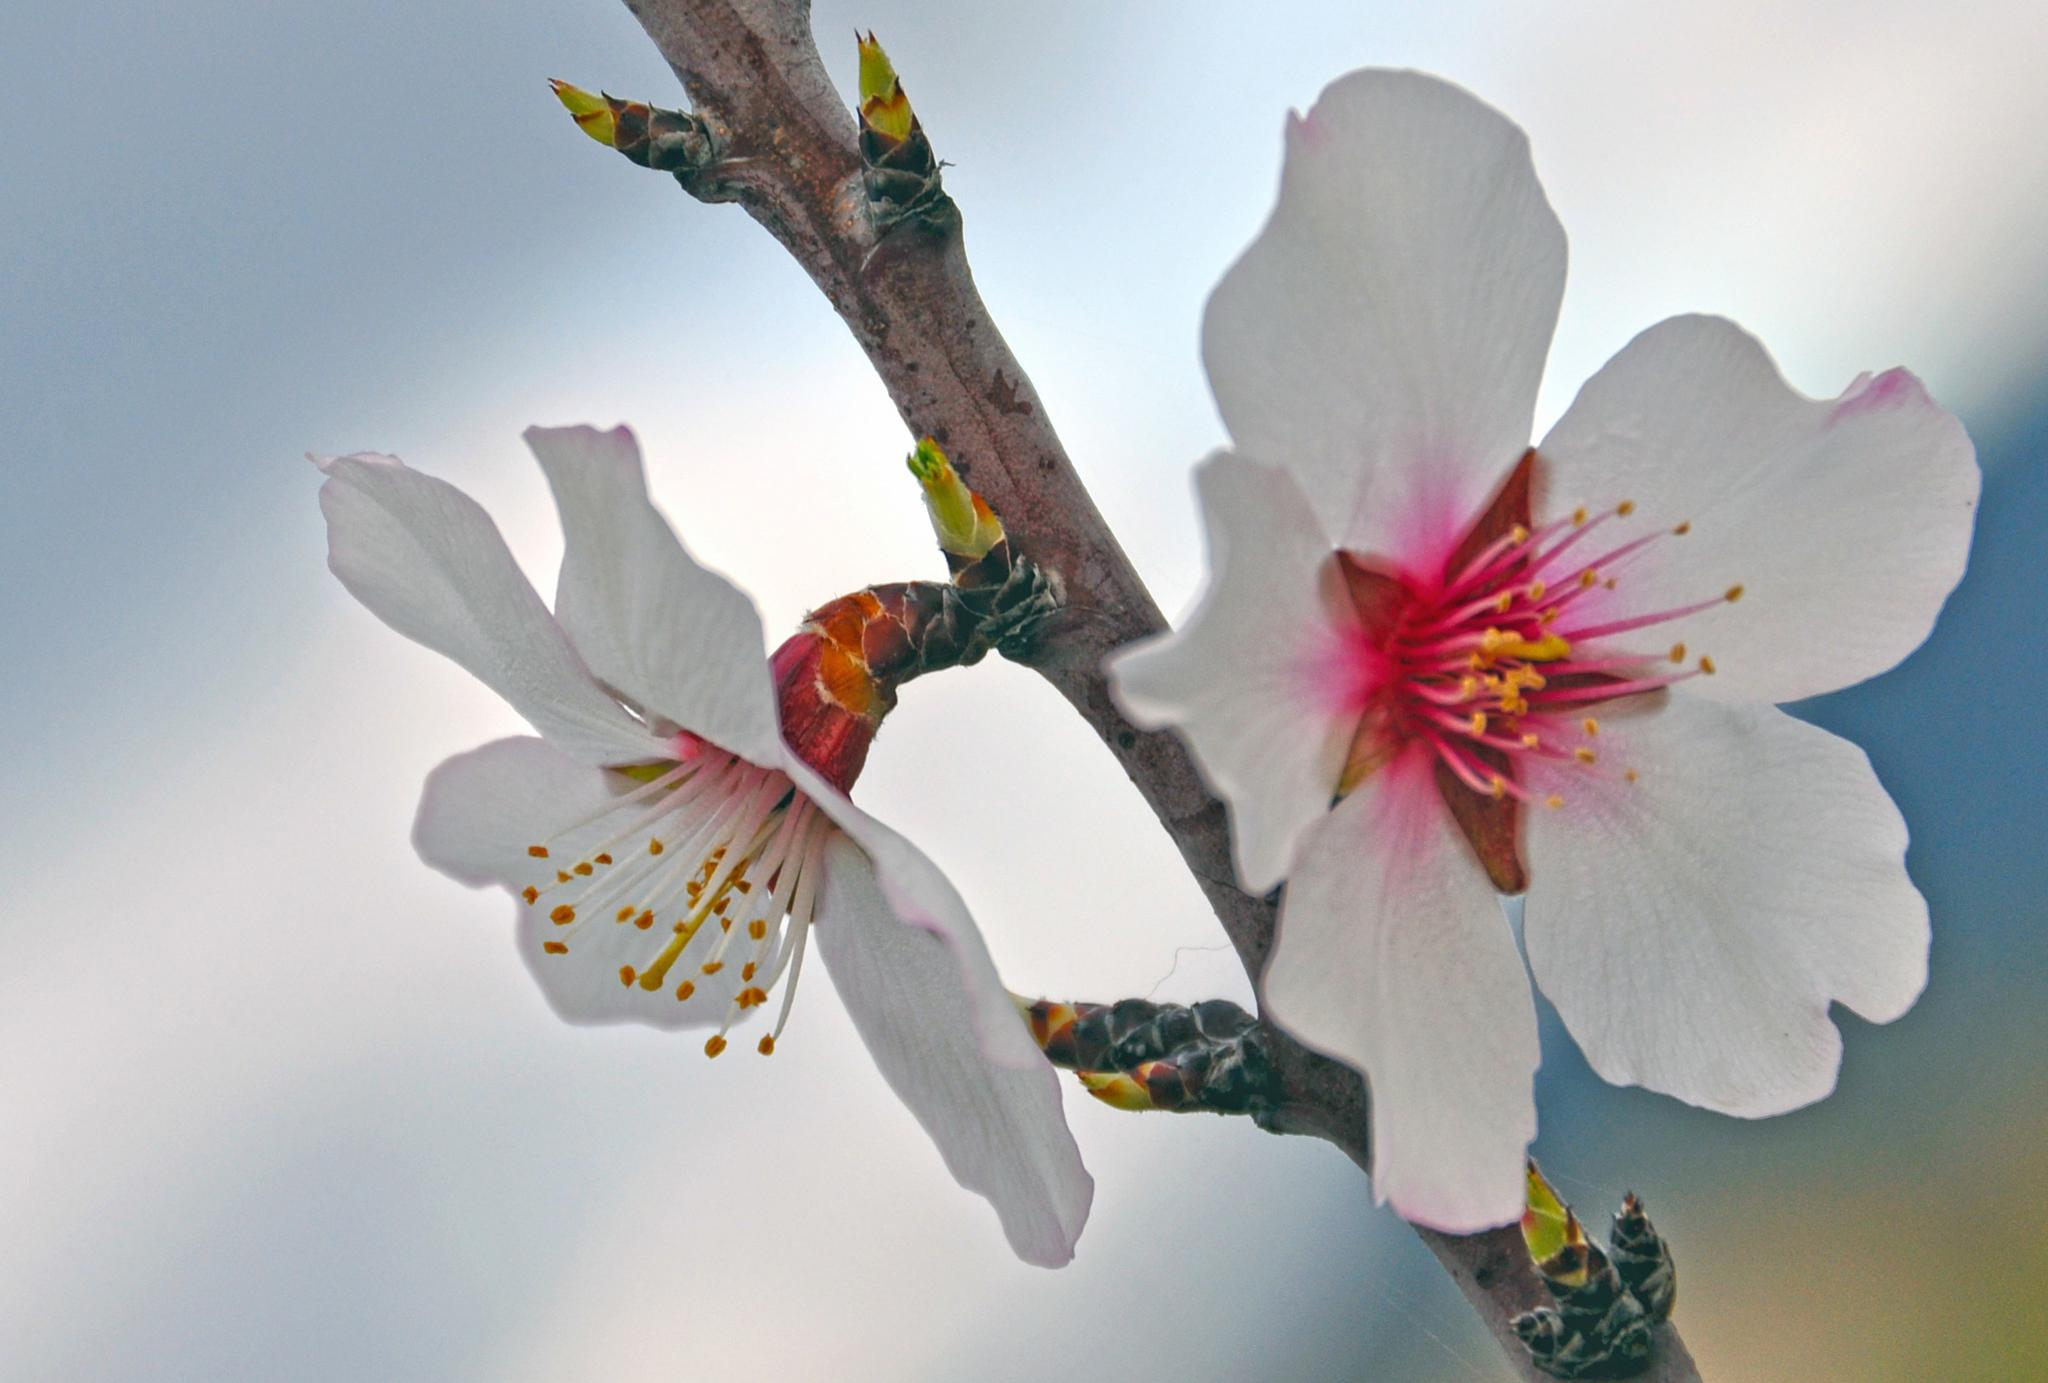 Almendros en flor by msalvadormunoz